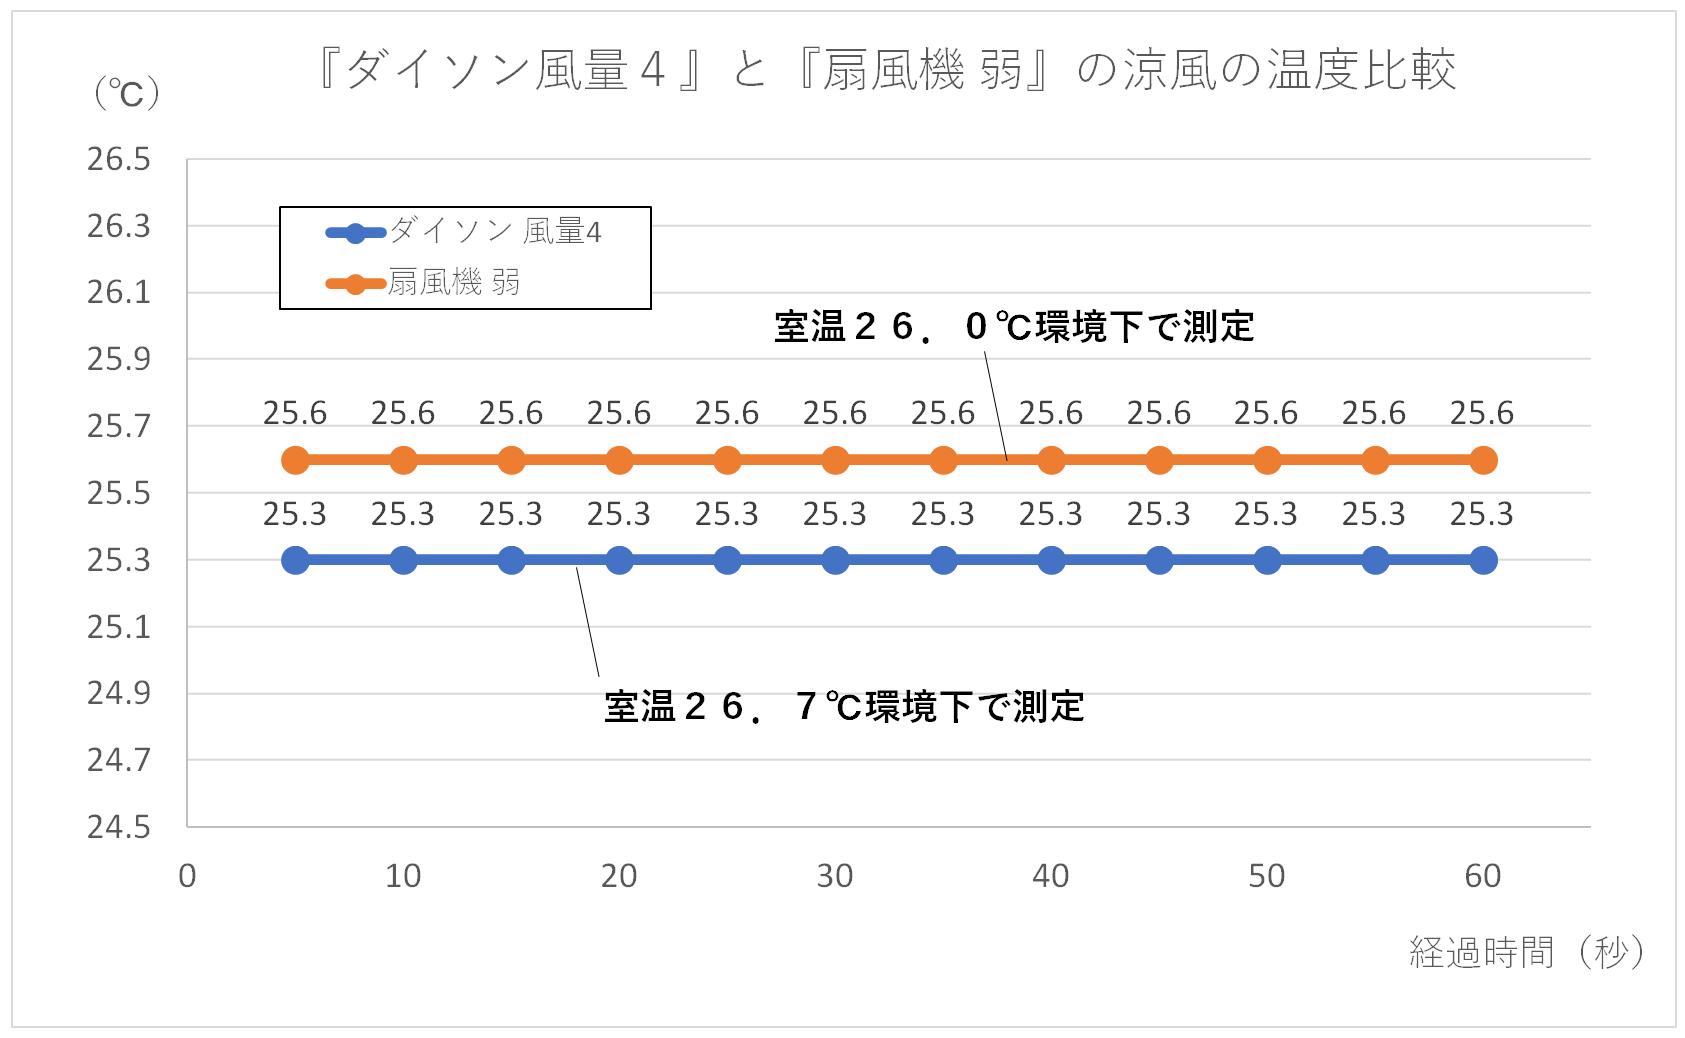 『ダイソン風量4』と『扇風機 弱』の涼風の温度比較グラフ